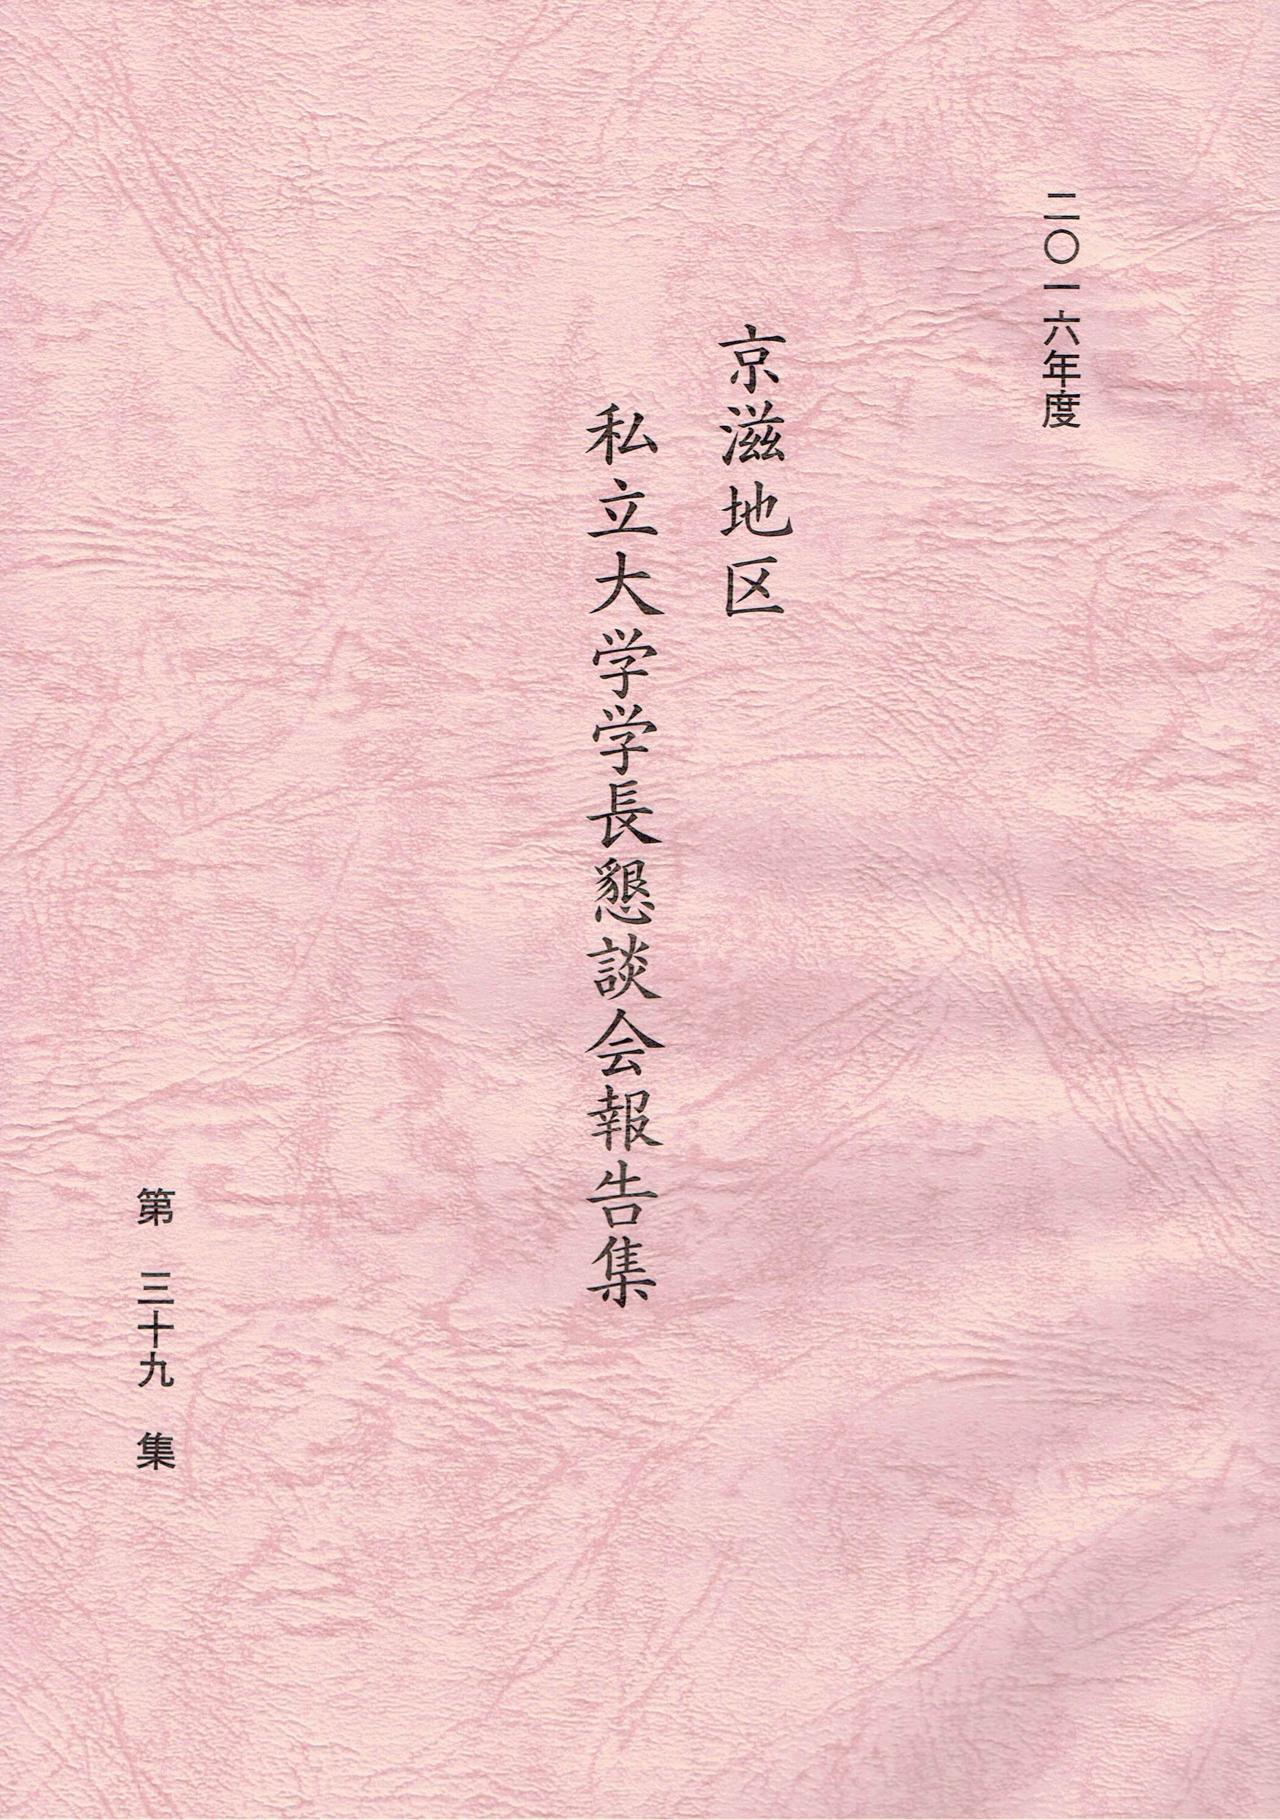 京滋地区私立大学学長懇談会報告集に掲載表紙